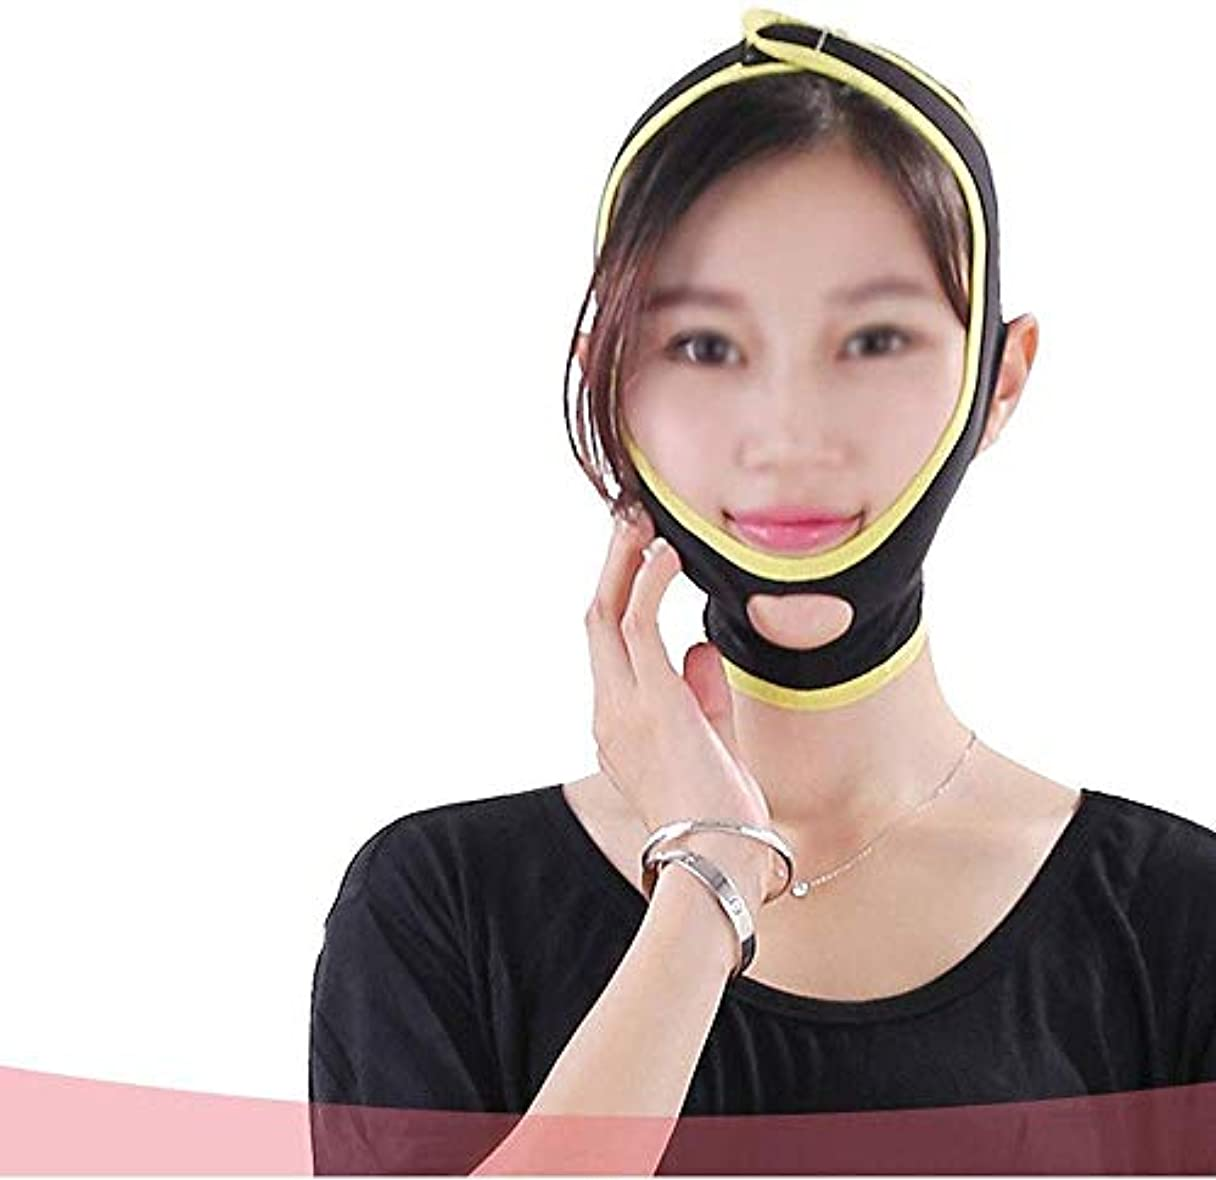 事実薬理学損失美容と実用的な薄い顔の包帯 睡眠小さなVフェイスマスクリフトは、肌のアーティファクトを引き締めますダブルチンフェイシャル減量包帯(サイズ:M)